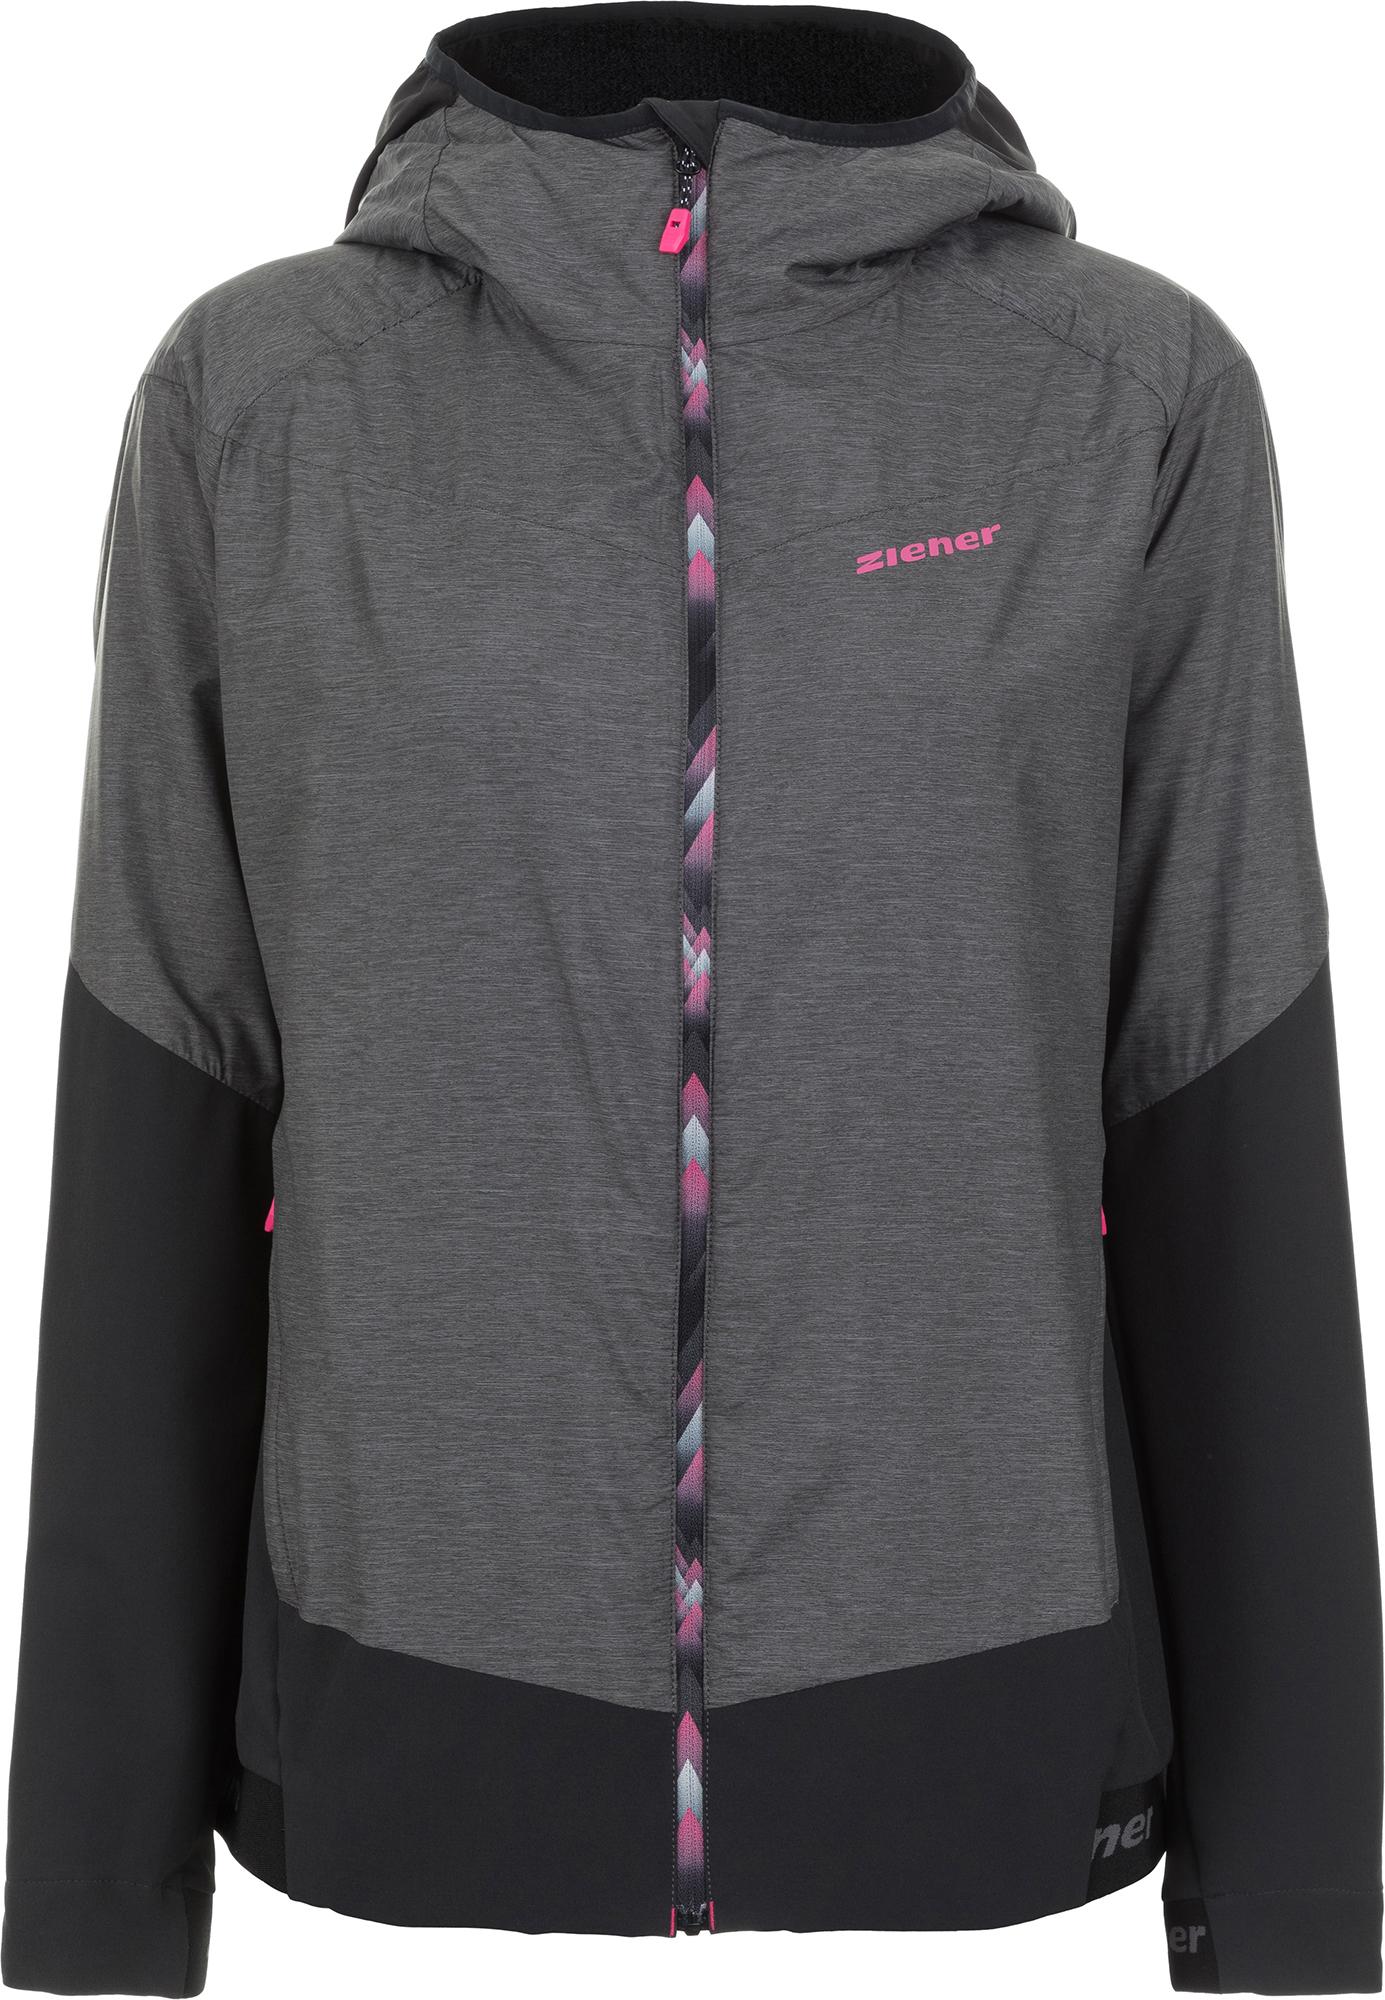 Ziener Куртка утепленная женская Ziener Nadina, размер 44 цена 2017